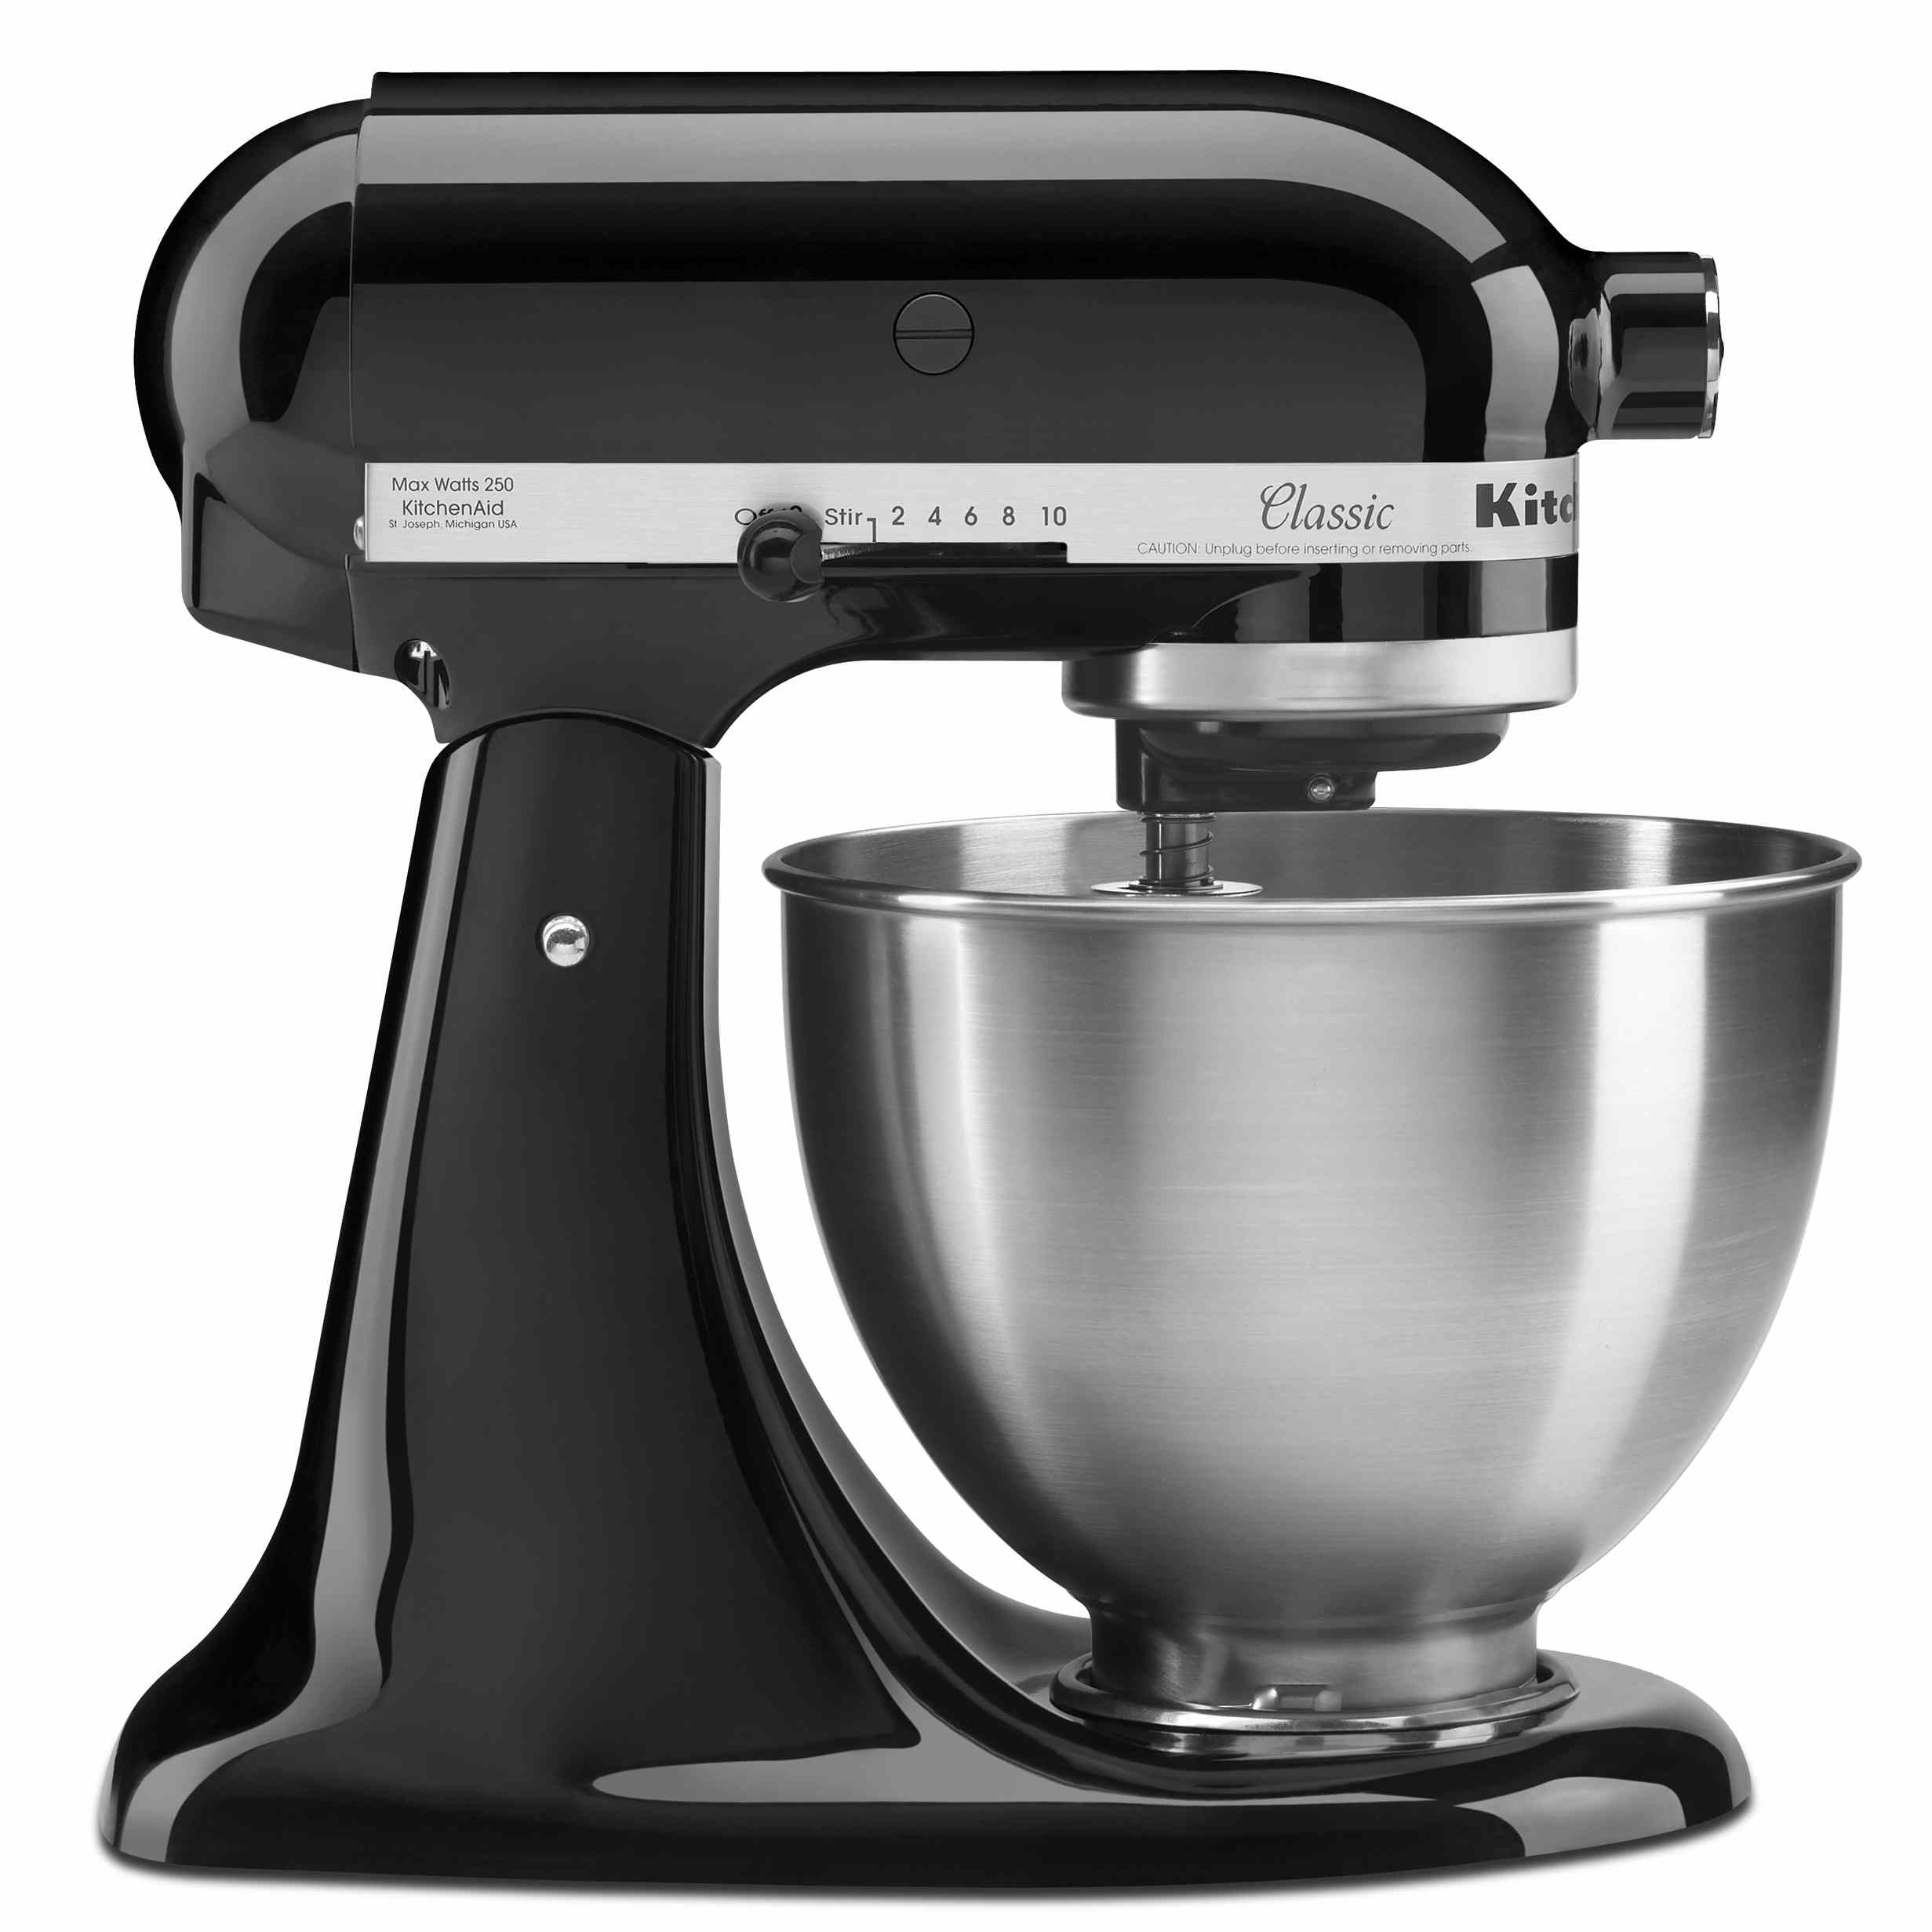 kitchenaid-classic-4.5-quart-stand-mixer